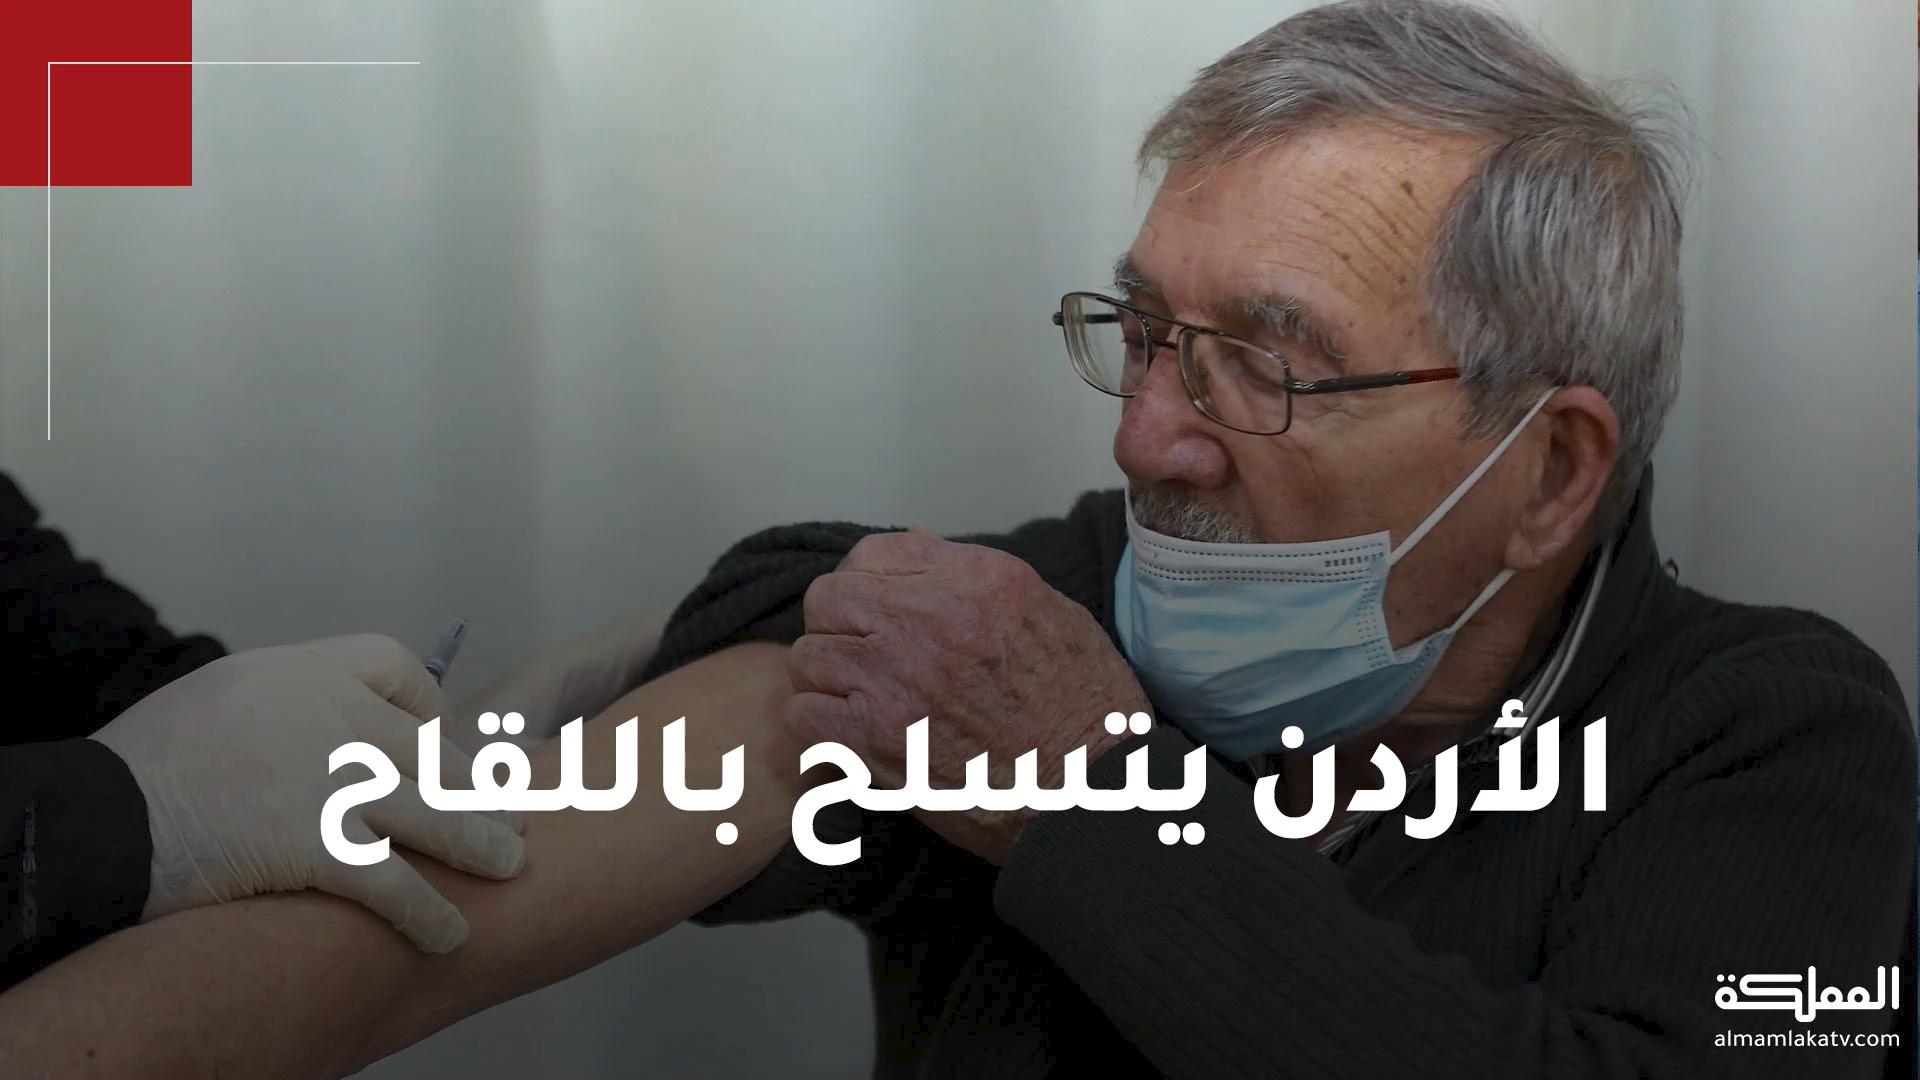 الأردن يبدأ حملة تطعيم وطنية ضد فيروس كورونا ويتسلح باللقاح وسط إقبال متفاوت بين المحافظات